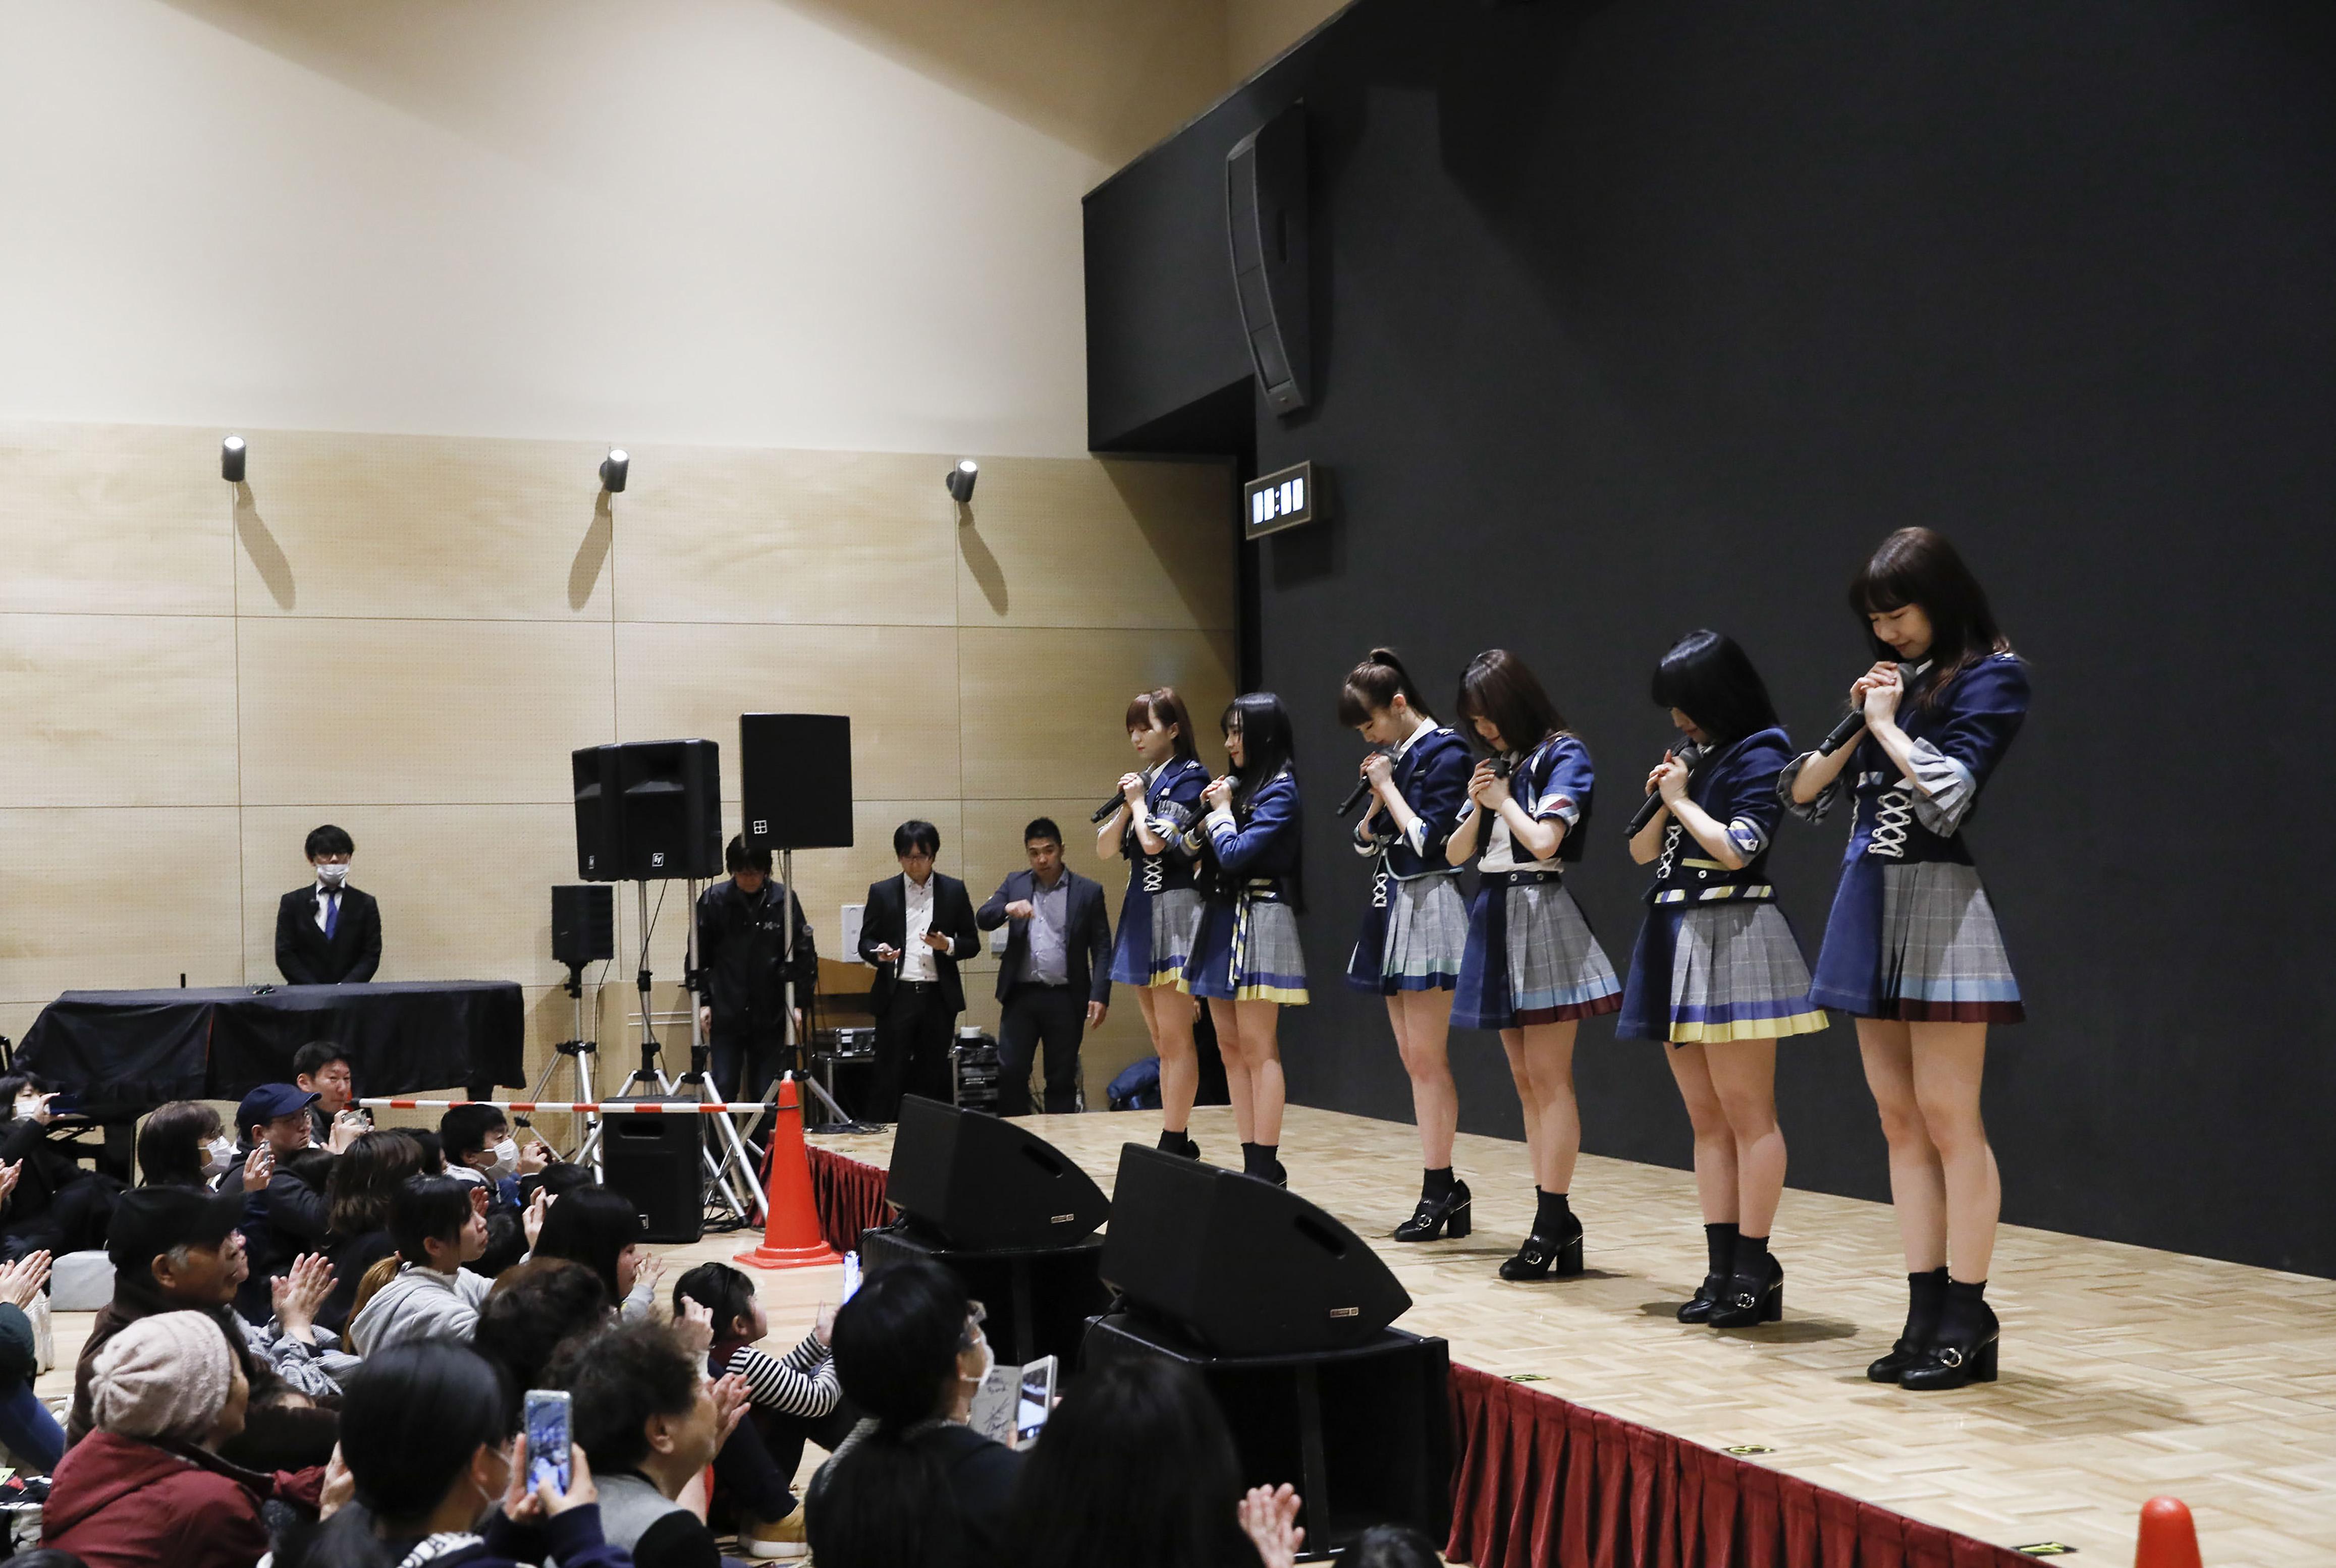 岩手県を訪問したAKB48グループメンバー